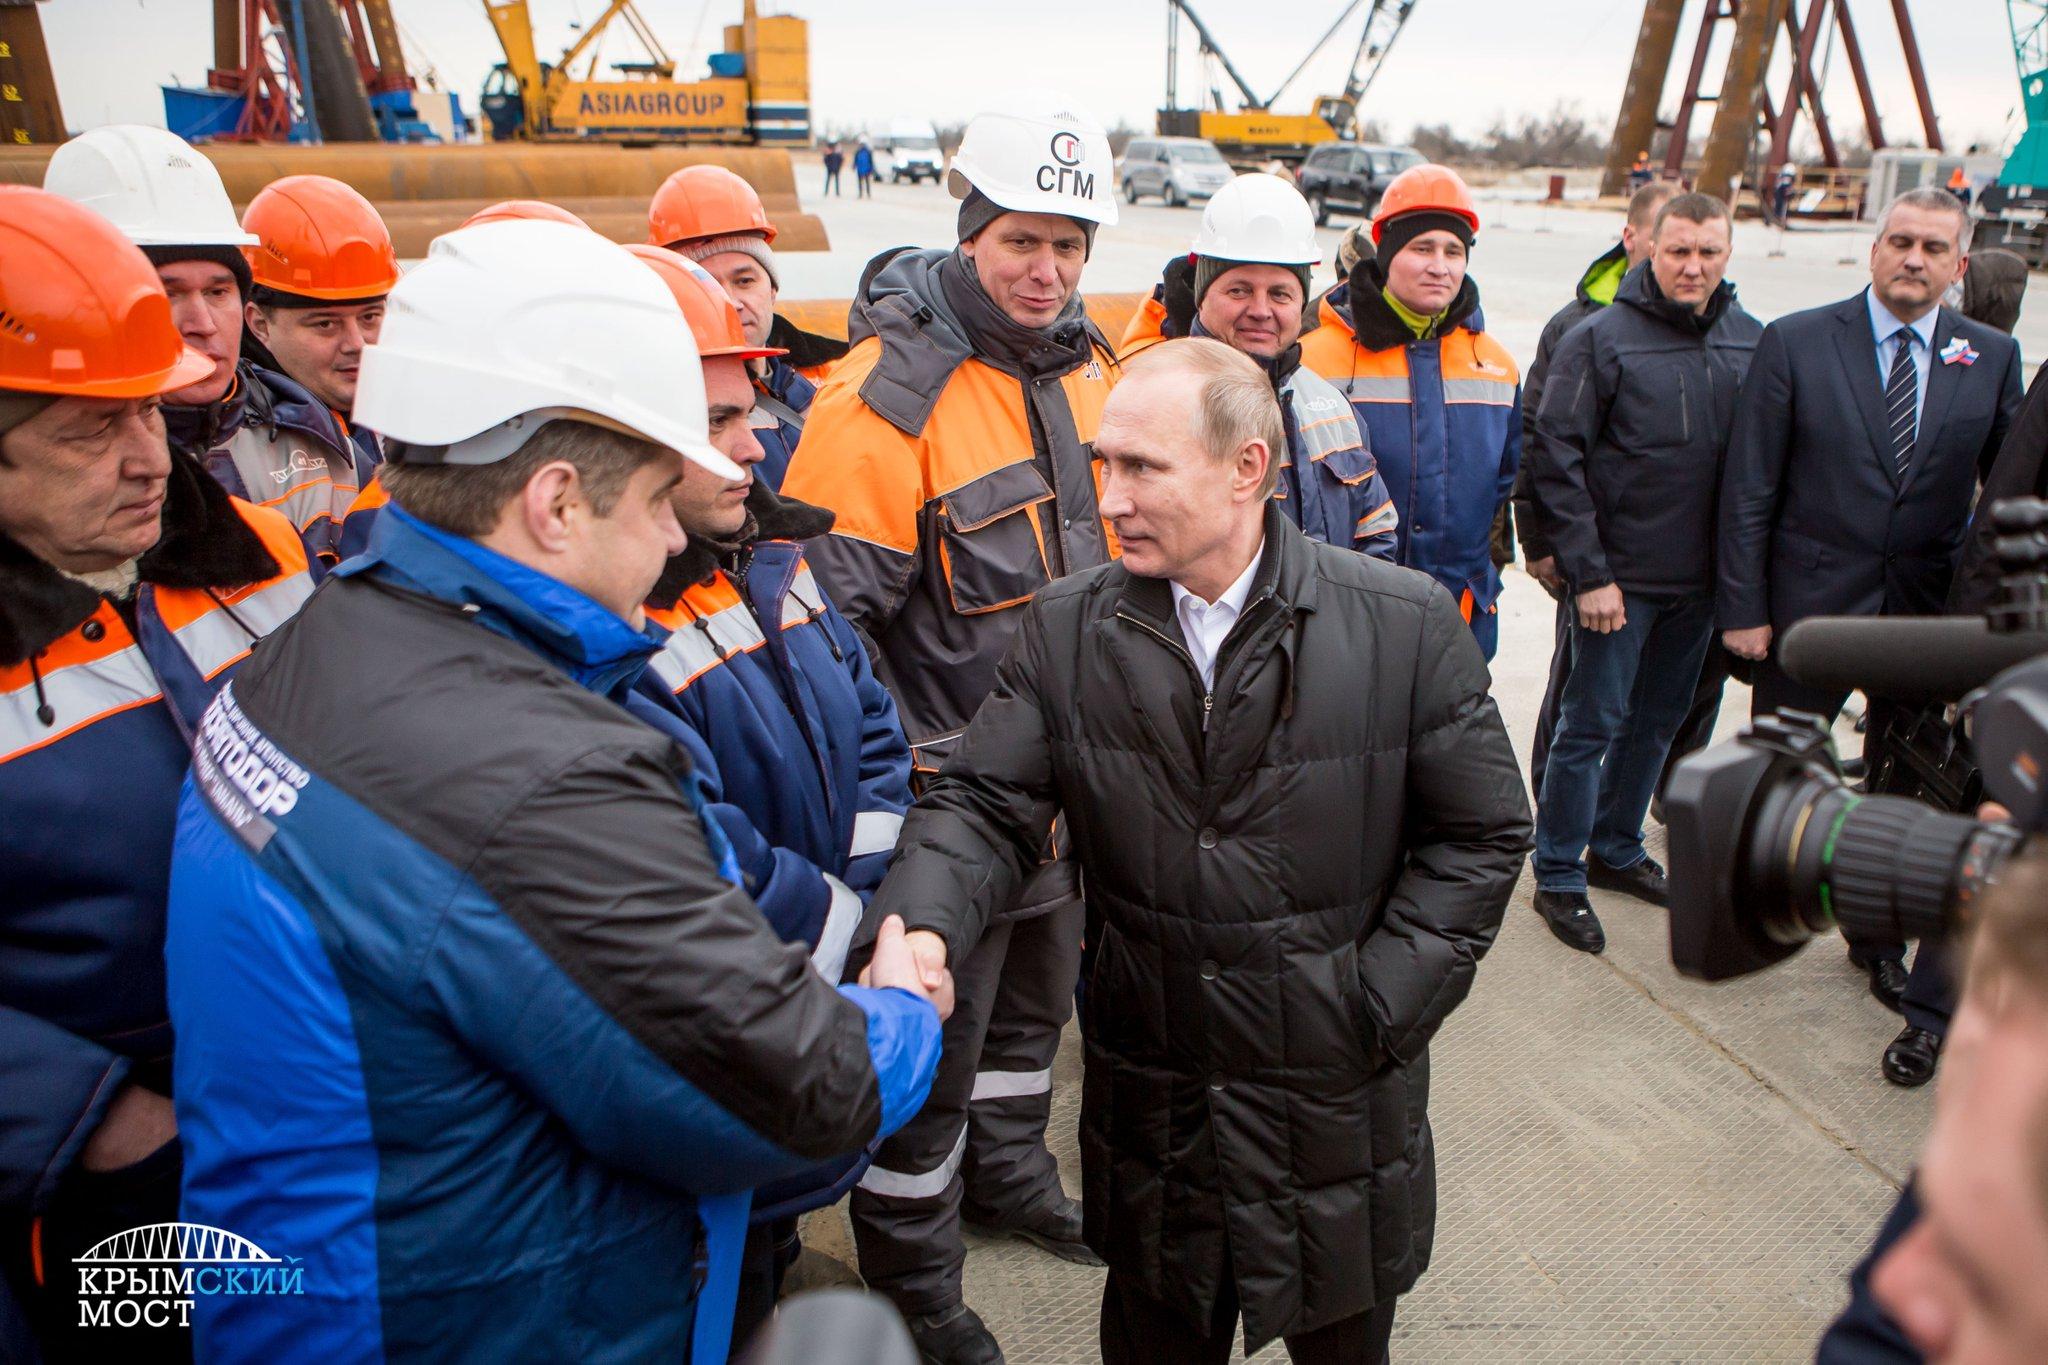 Путин сел за руль КамАЗа и проехал по Крымскому мосту